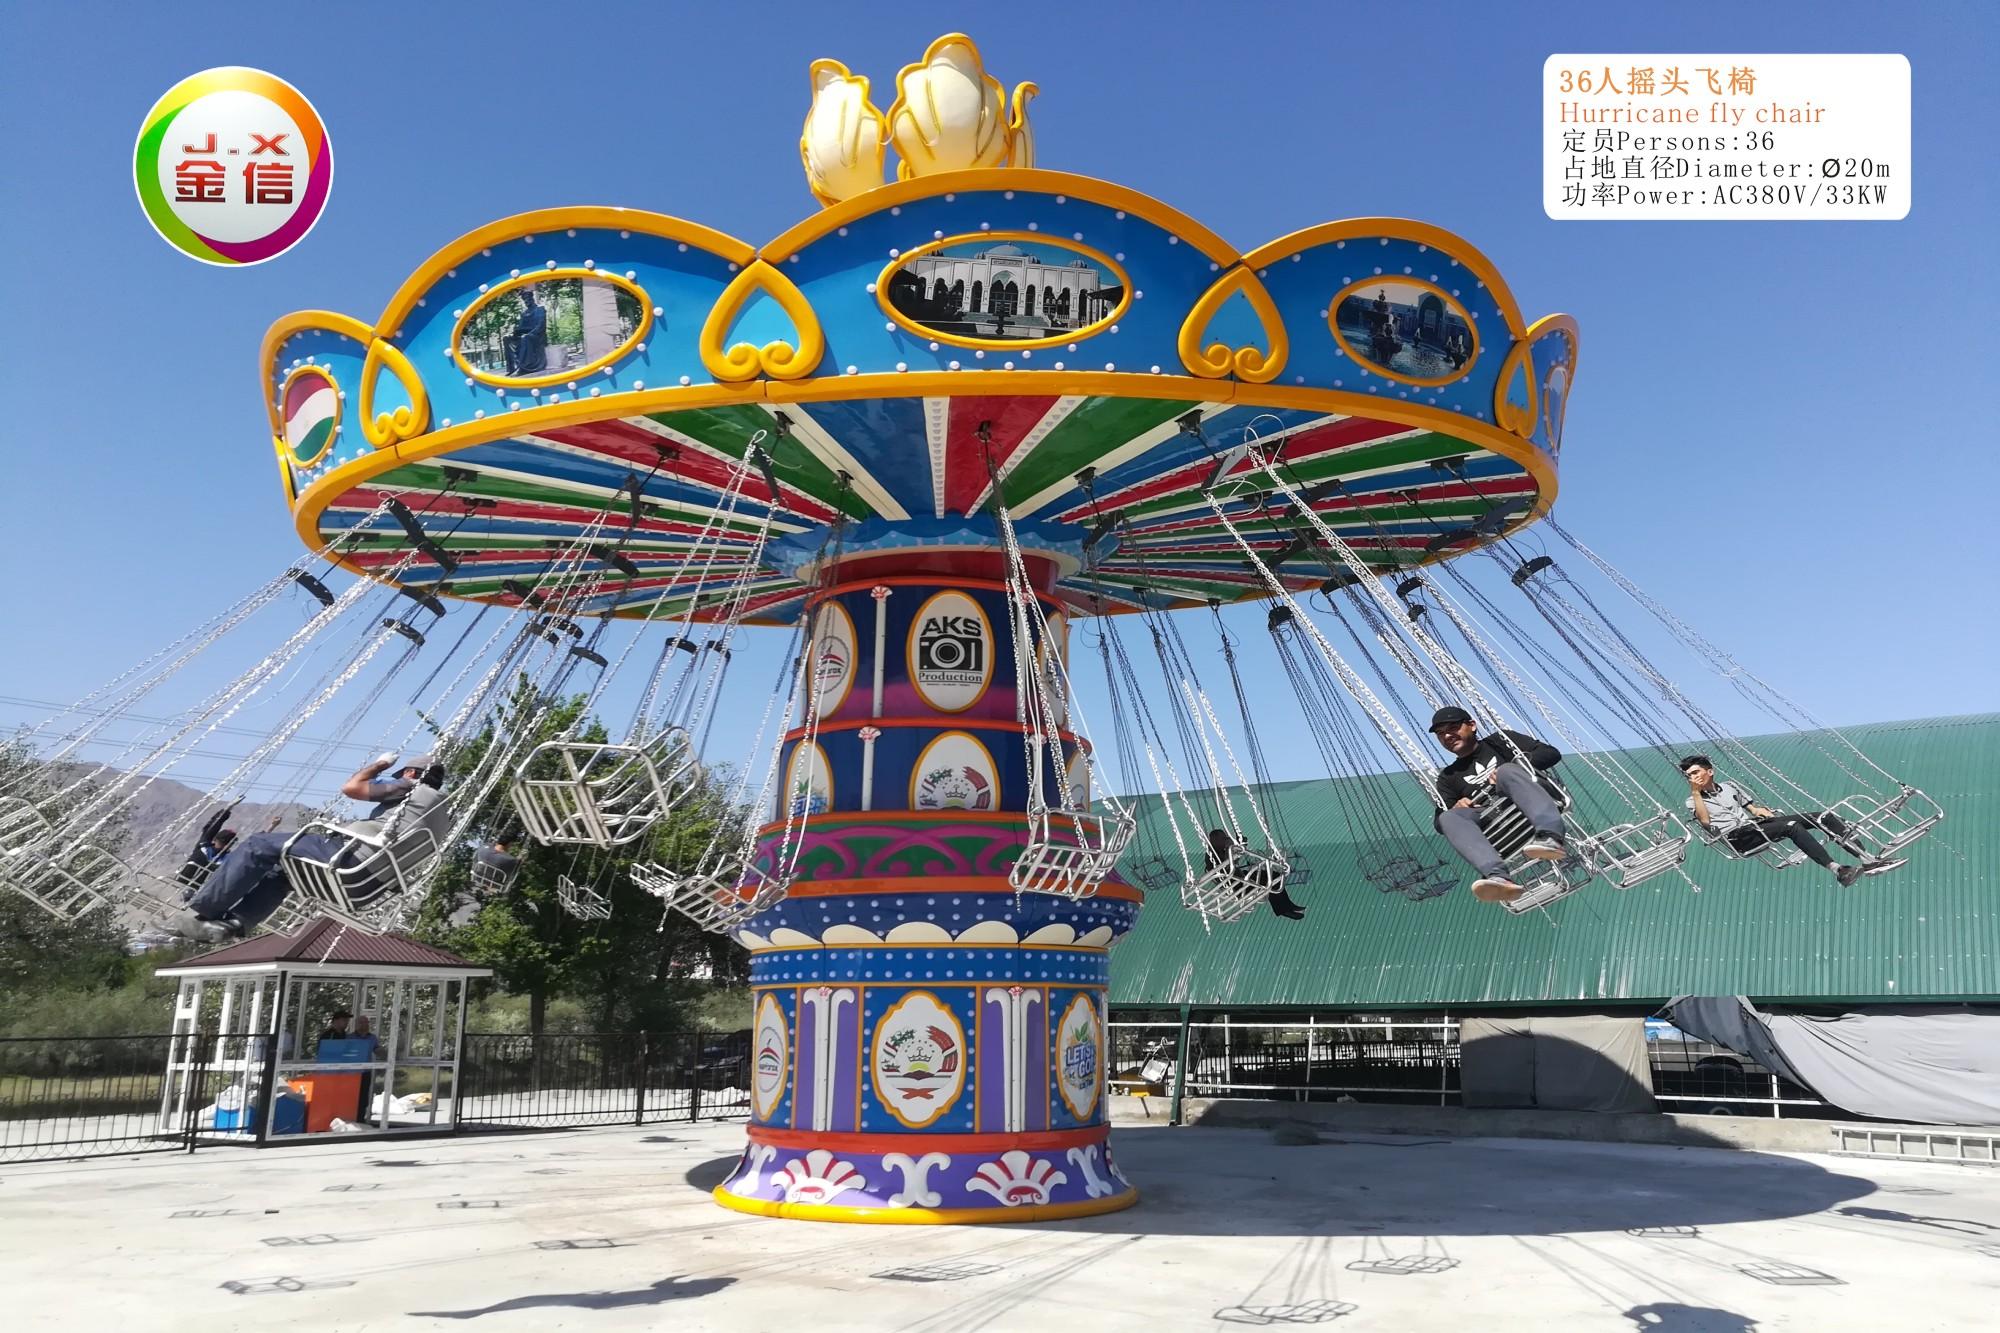 大型游乐设备- 摇头飞椅